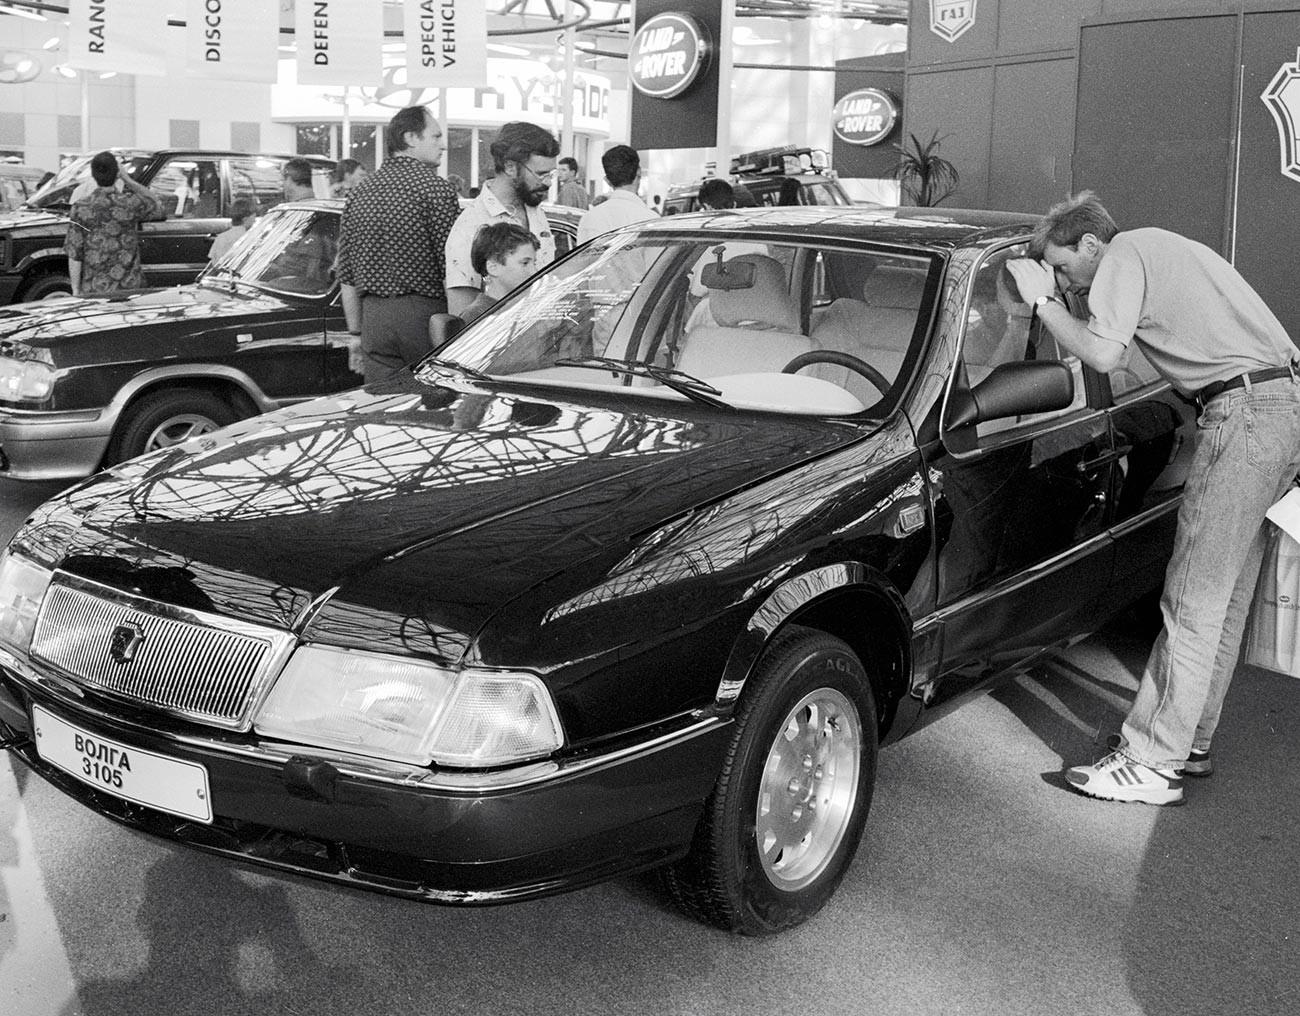 """Посетители на Меѓународниот саем на автомобили 1995 година разгледуваат автомобил ГАЗ-3105 """"Волга""""."""